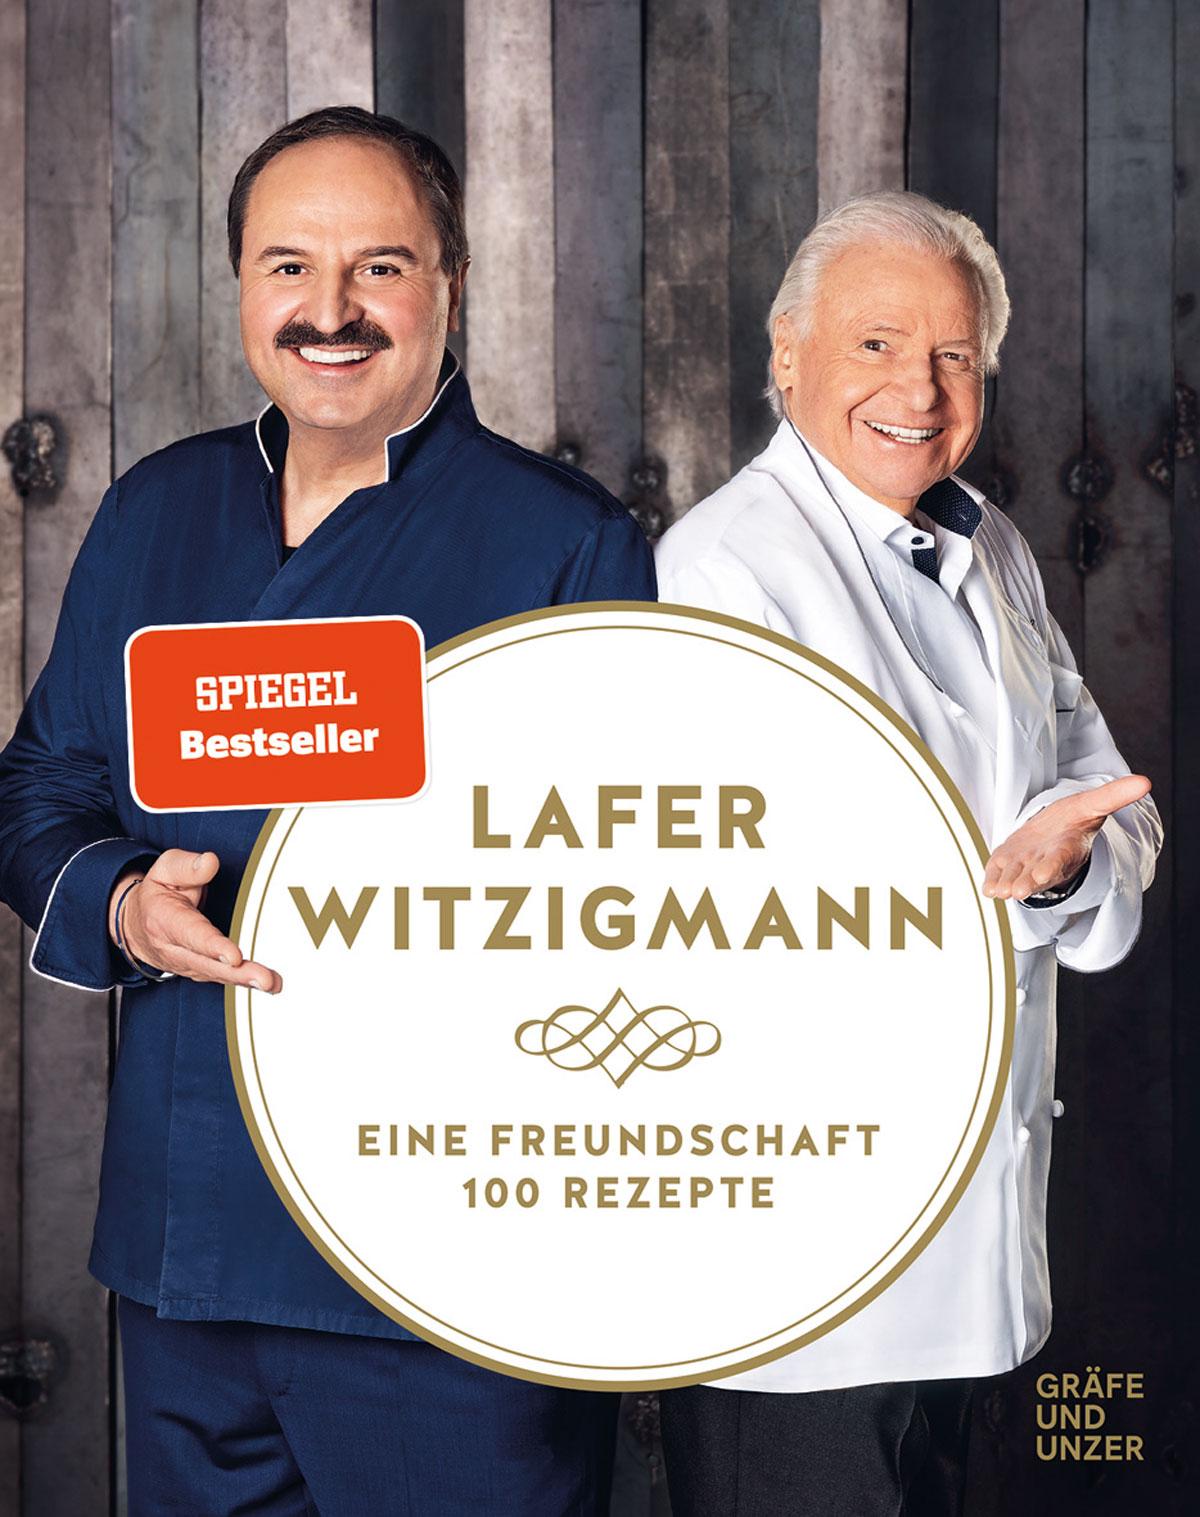 """Buchtipps, handverlesen:  """"Eine Freundschaft – 100 Rezepte"""" von Lafer und Witzigmann"""